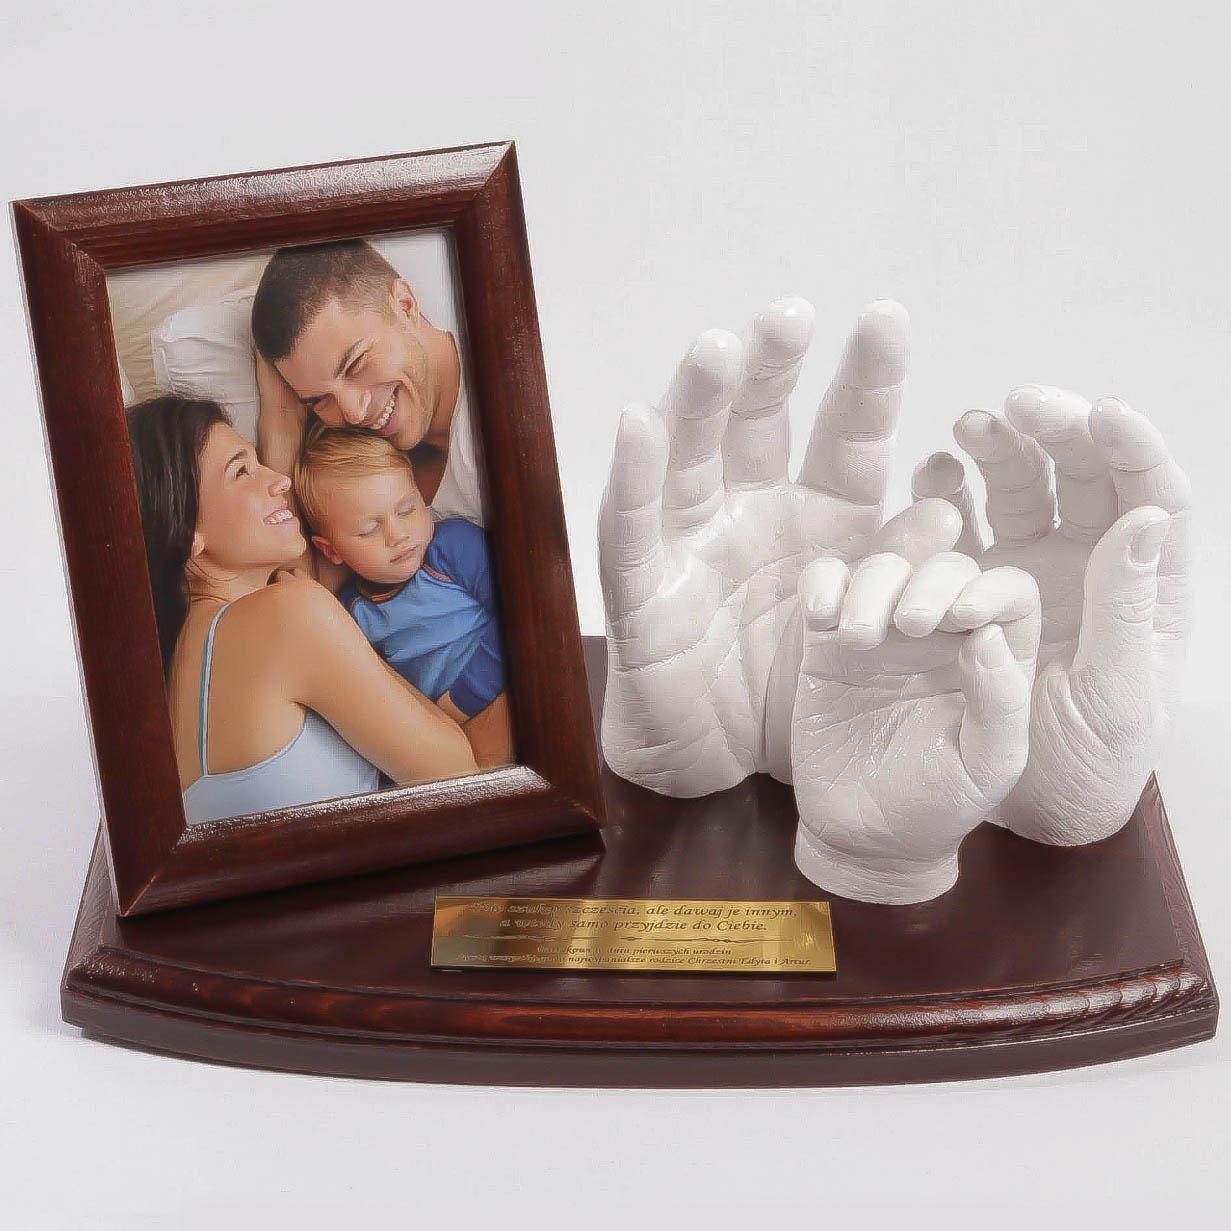 Bardzo dobra Odlewy gipsowe 3D dłoni dla rodziny jako prezent na urodziny NB63